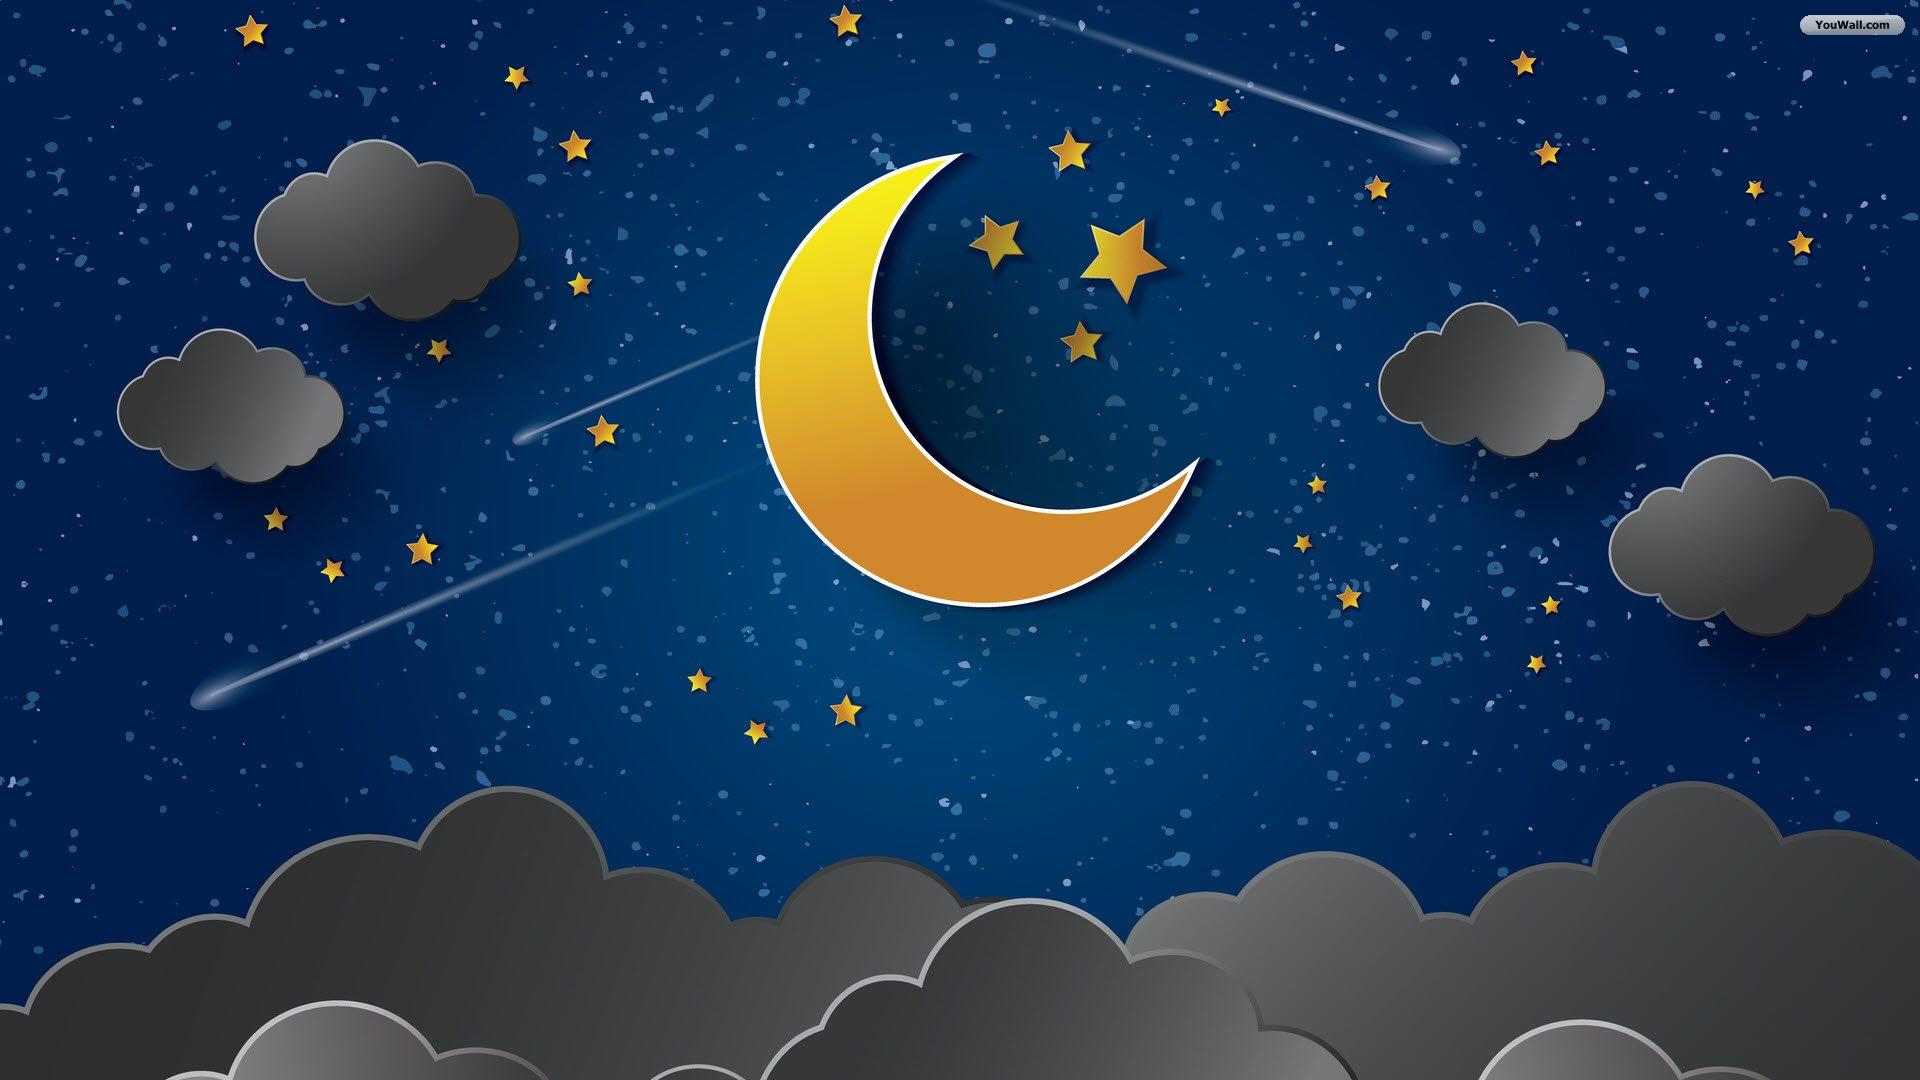 Night Sky Wallpaper 1920x1080 161 KB 1920x1080